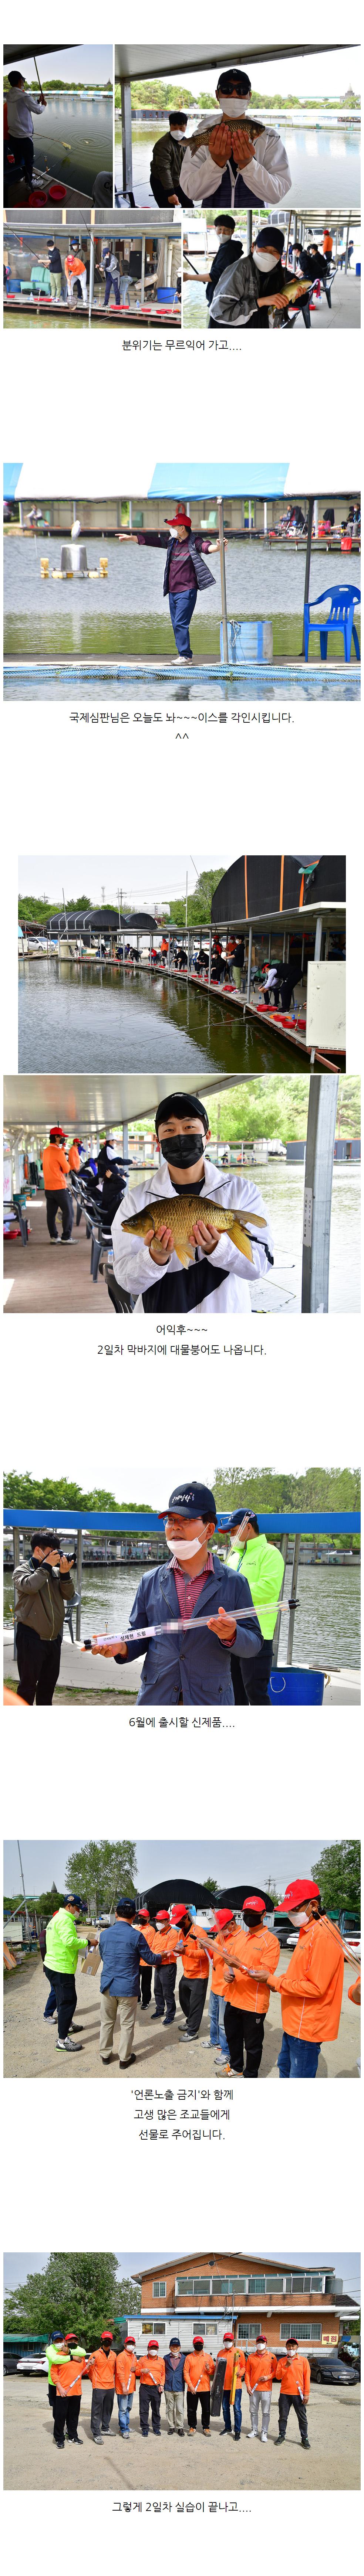 군계일학 성제현대표 경기대 낚시학 강의 - 04.jpg